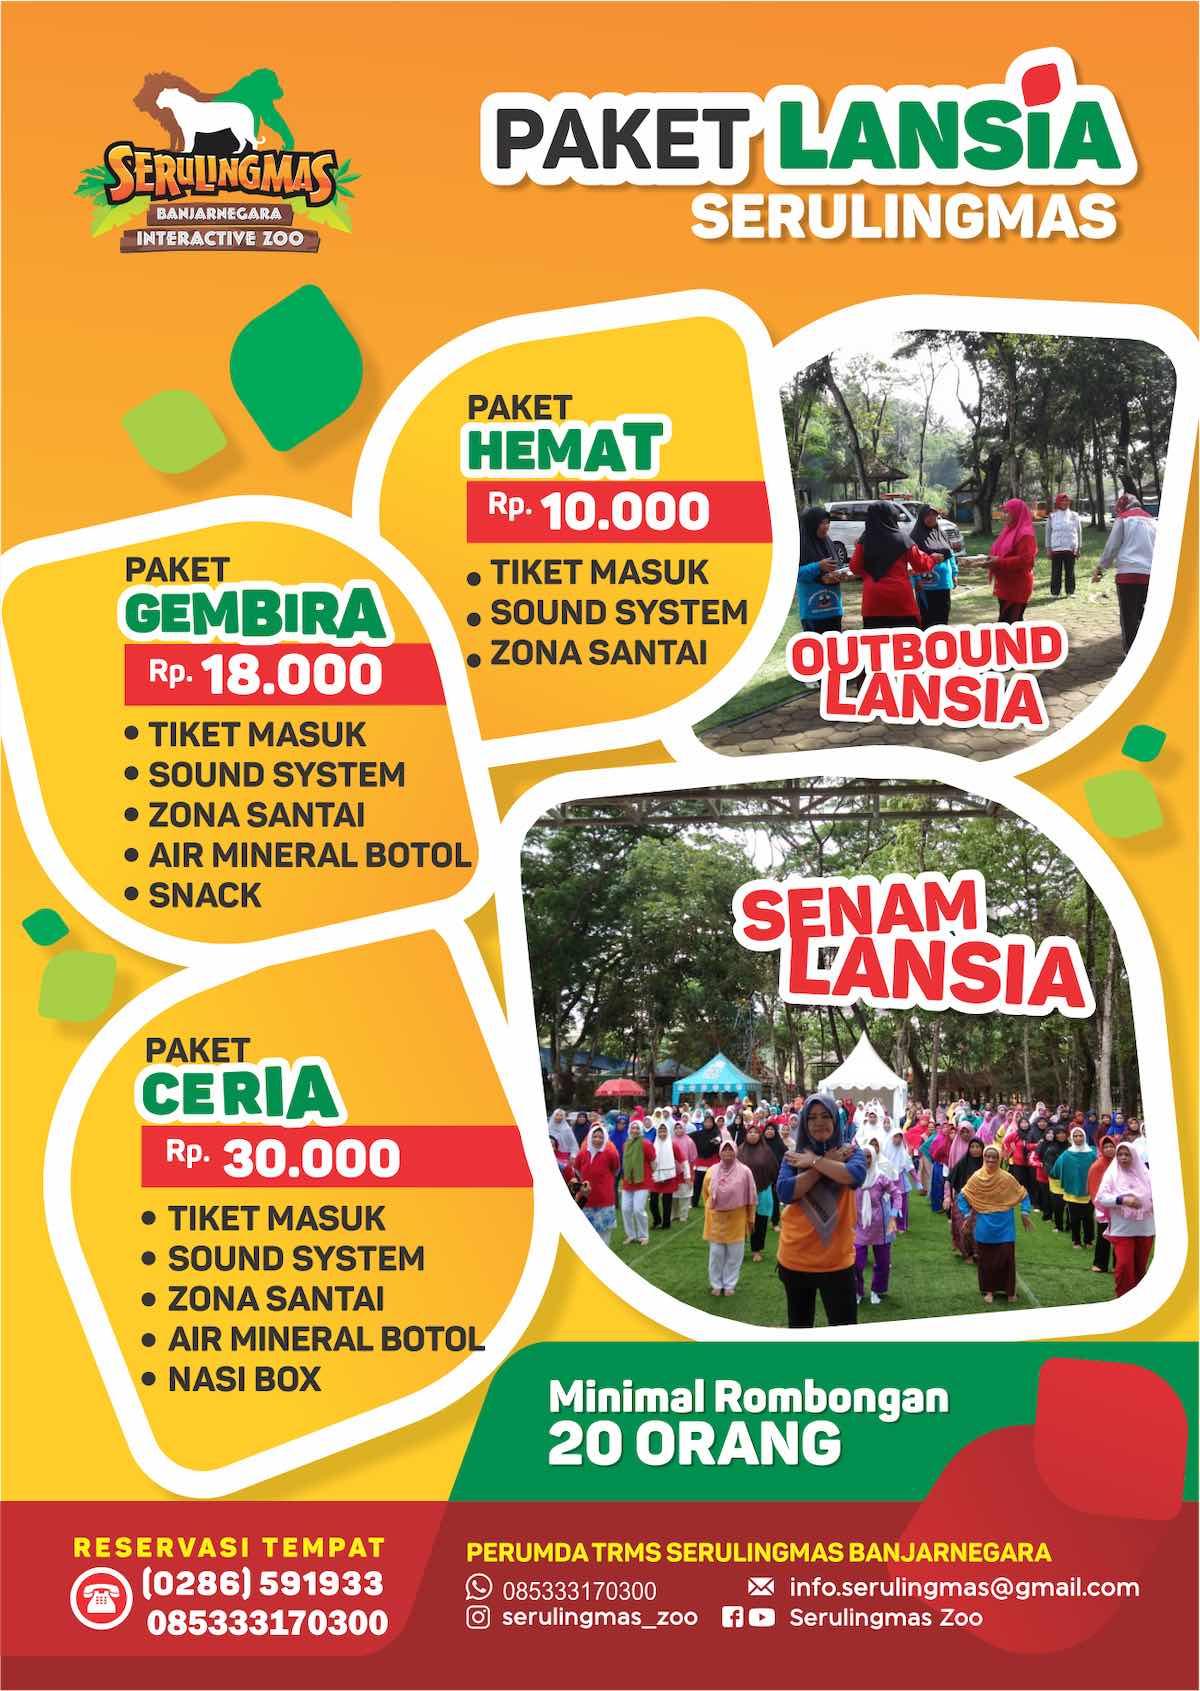 Tiket Masuk Trms Serulingmas Banjarnegara Info Wisata Hits